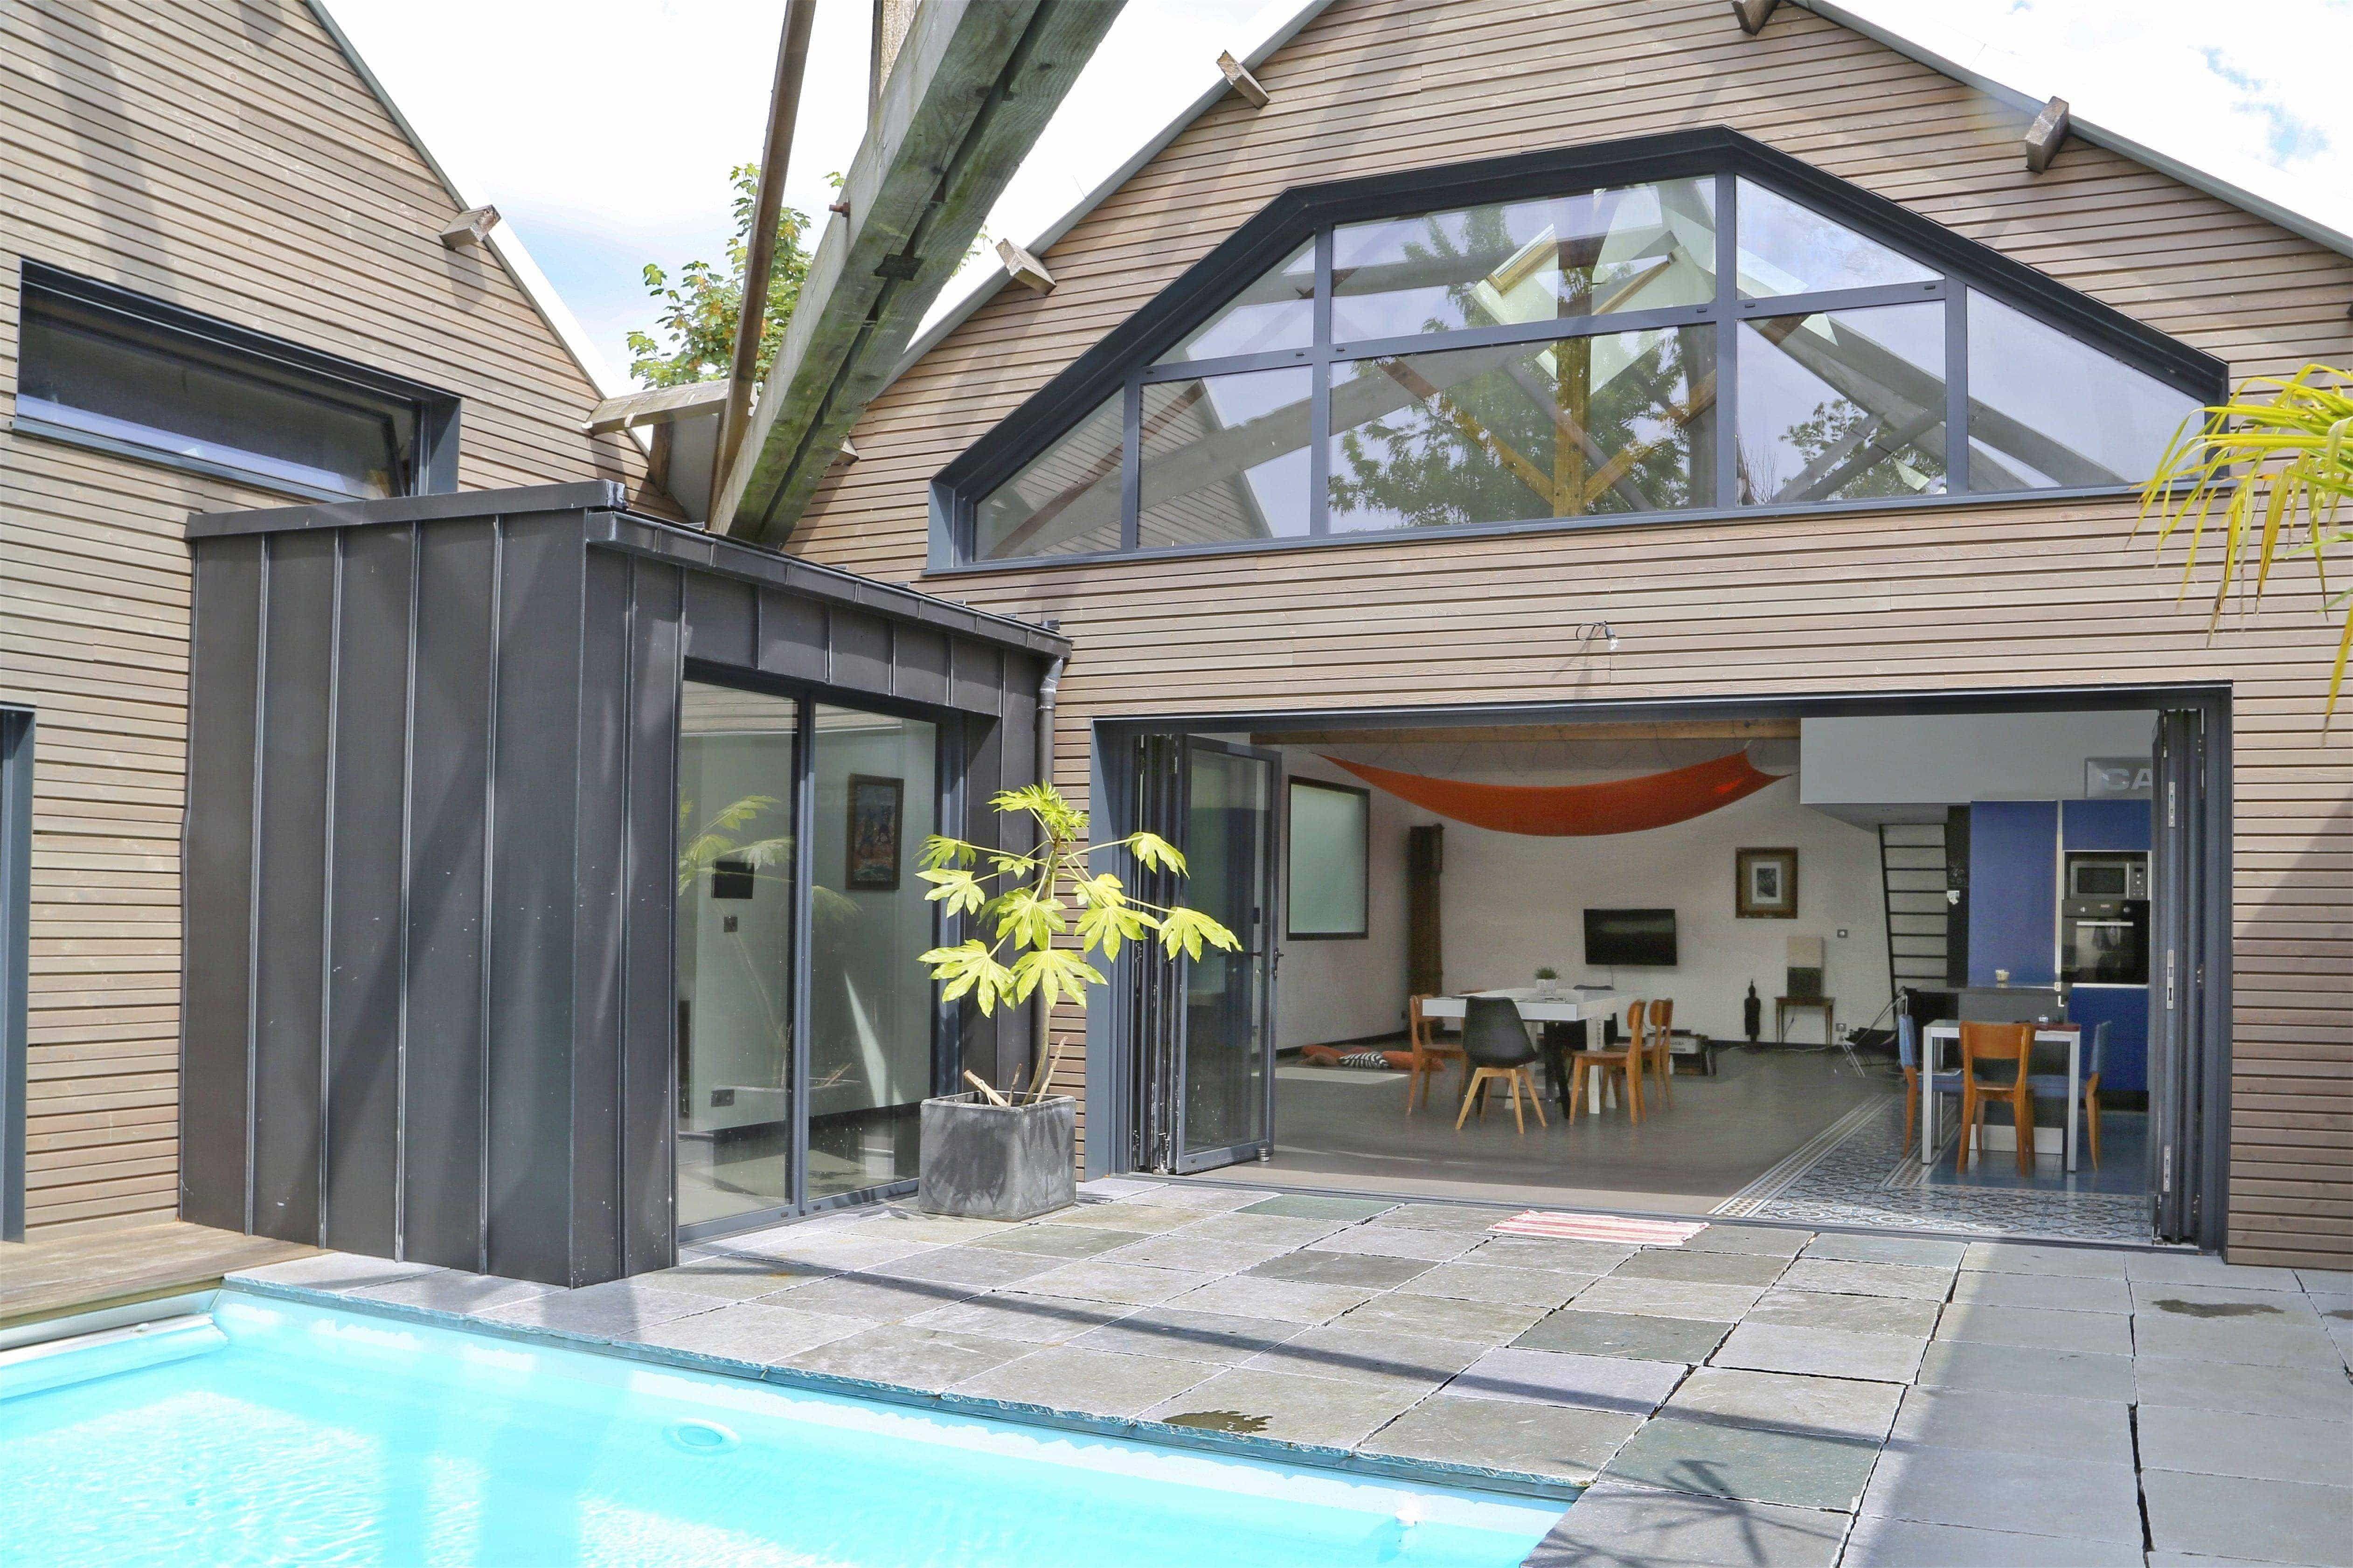 Appartement Avec Jardin Nantes nantes, erdre : loft avec patio et piscine à proximité de l